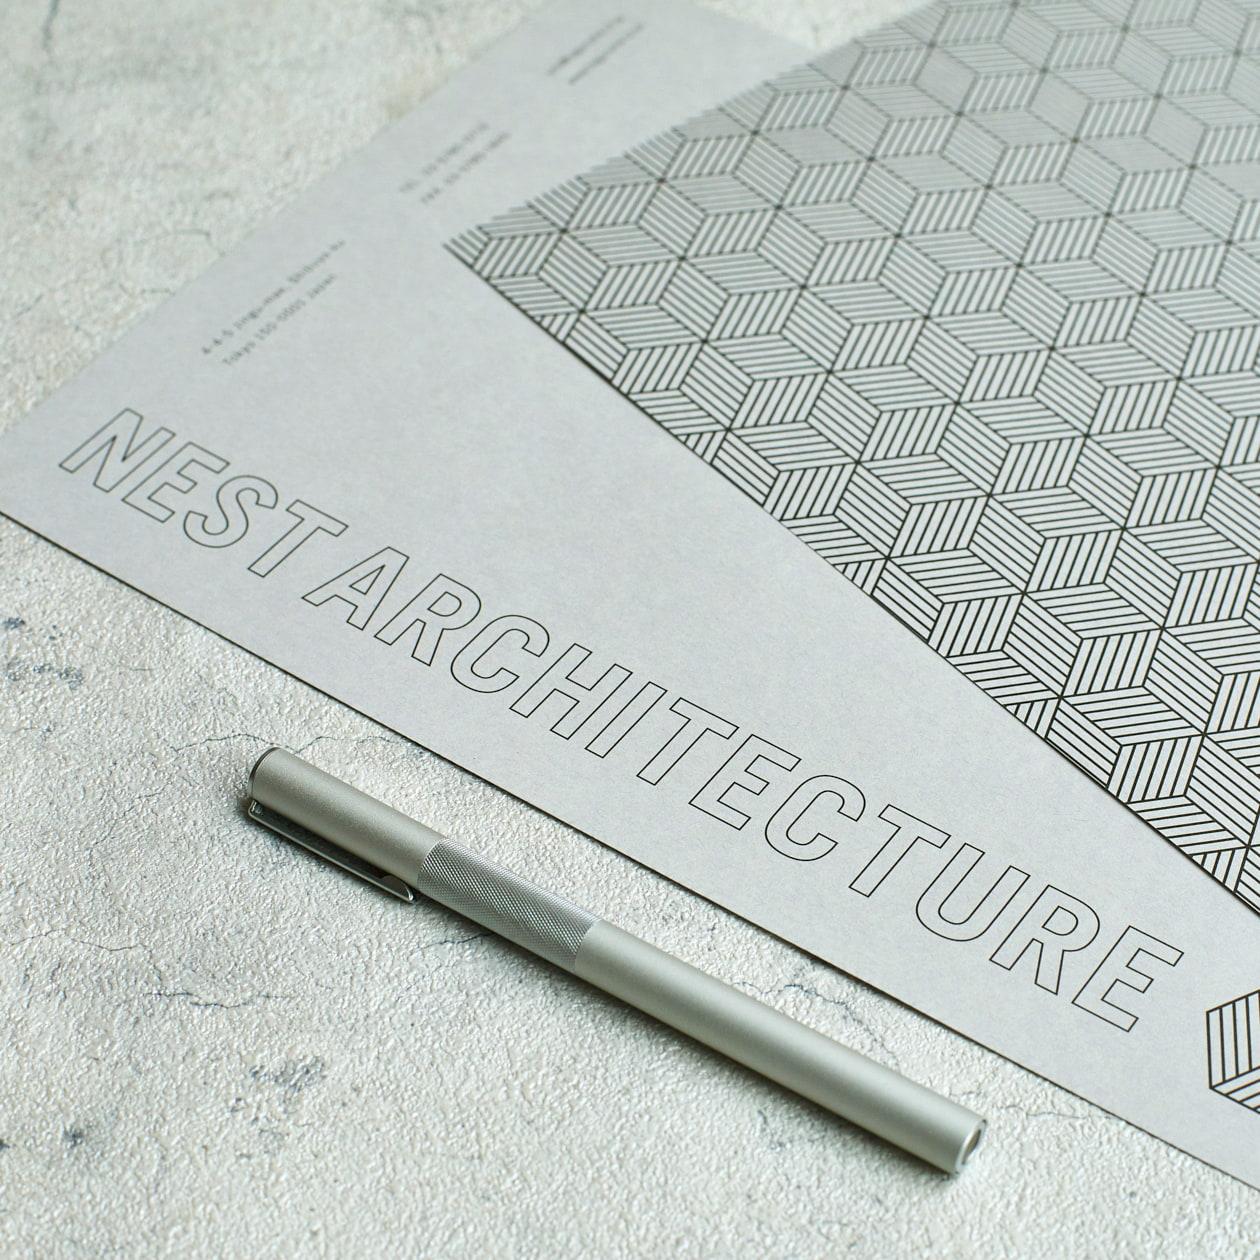 建築デザイン事務所のビジネスステーショナリー